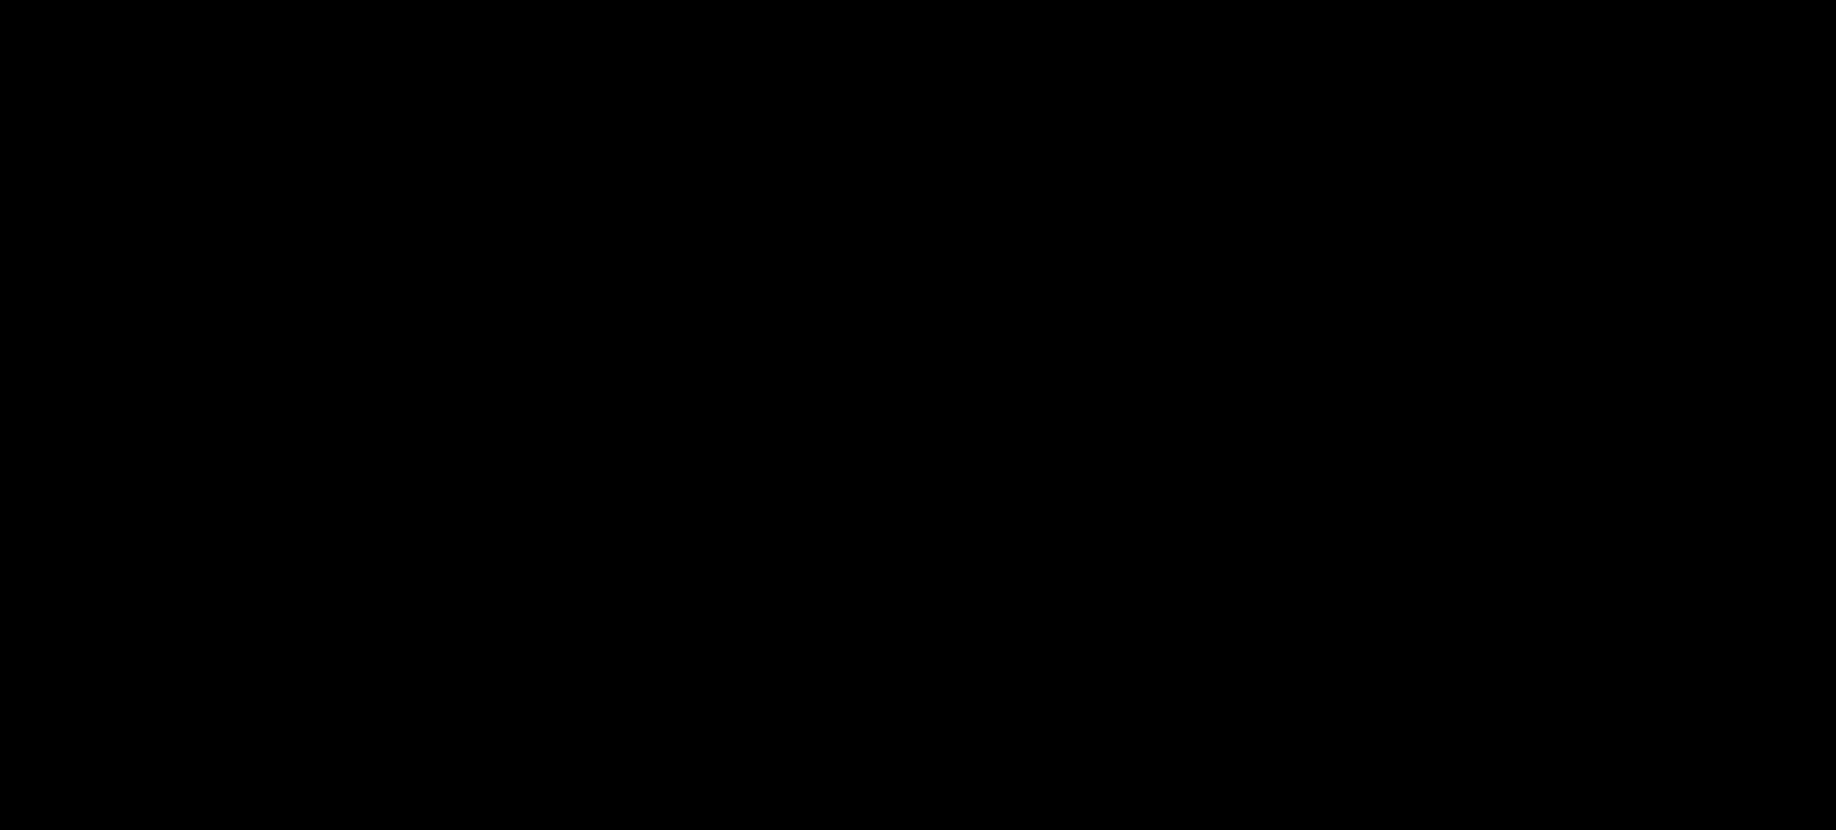 N-(2-(1H-Indol-3-yl)ethyl)-7-fluoro-4-oxo-4H-chromene-2-carboxamide